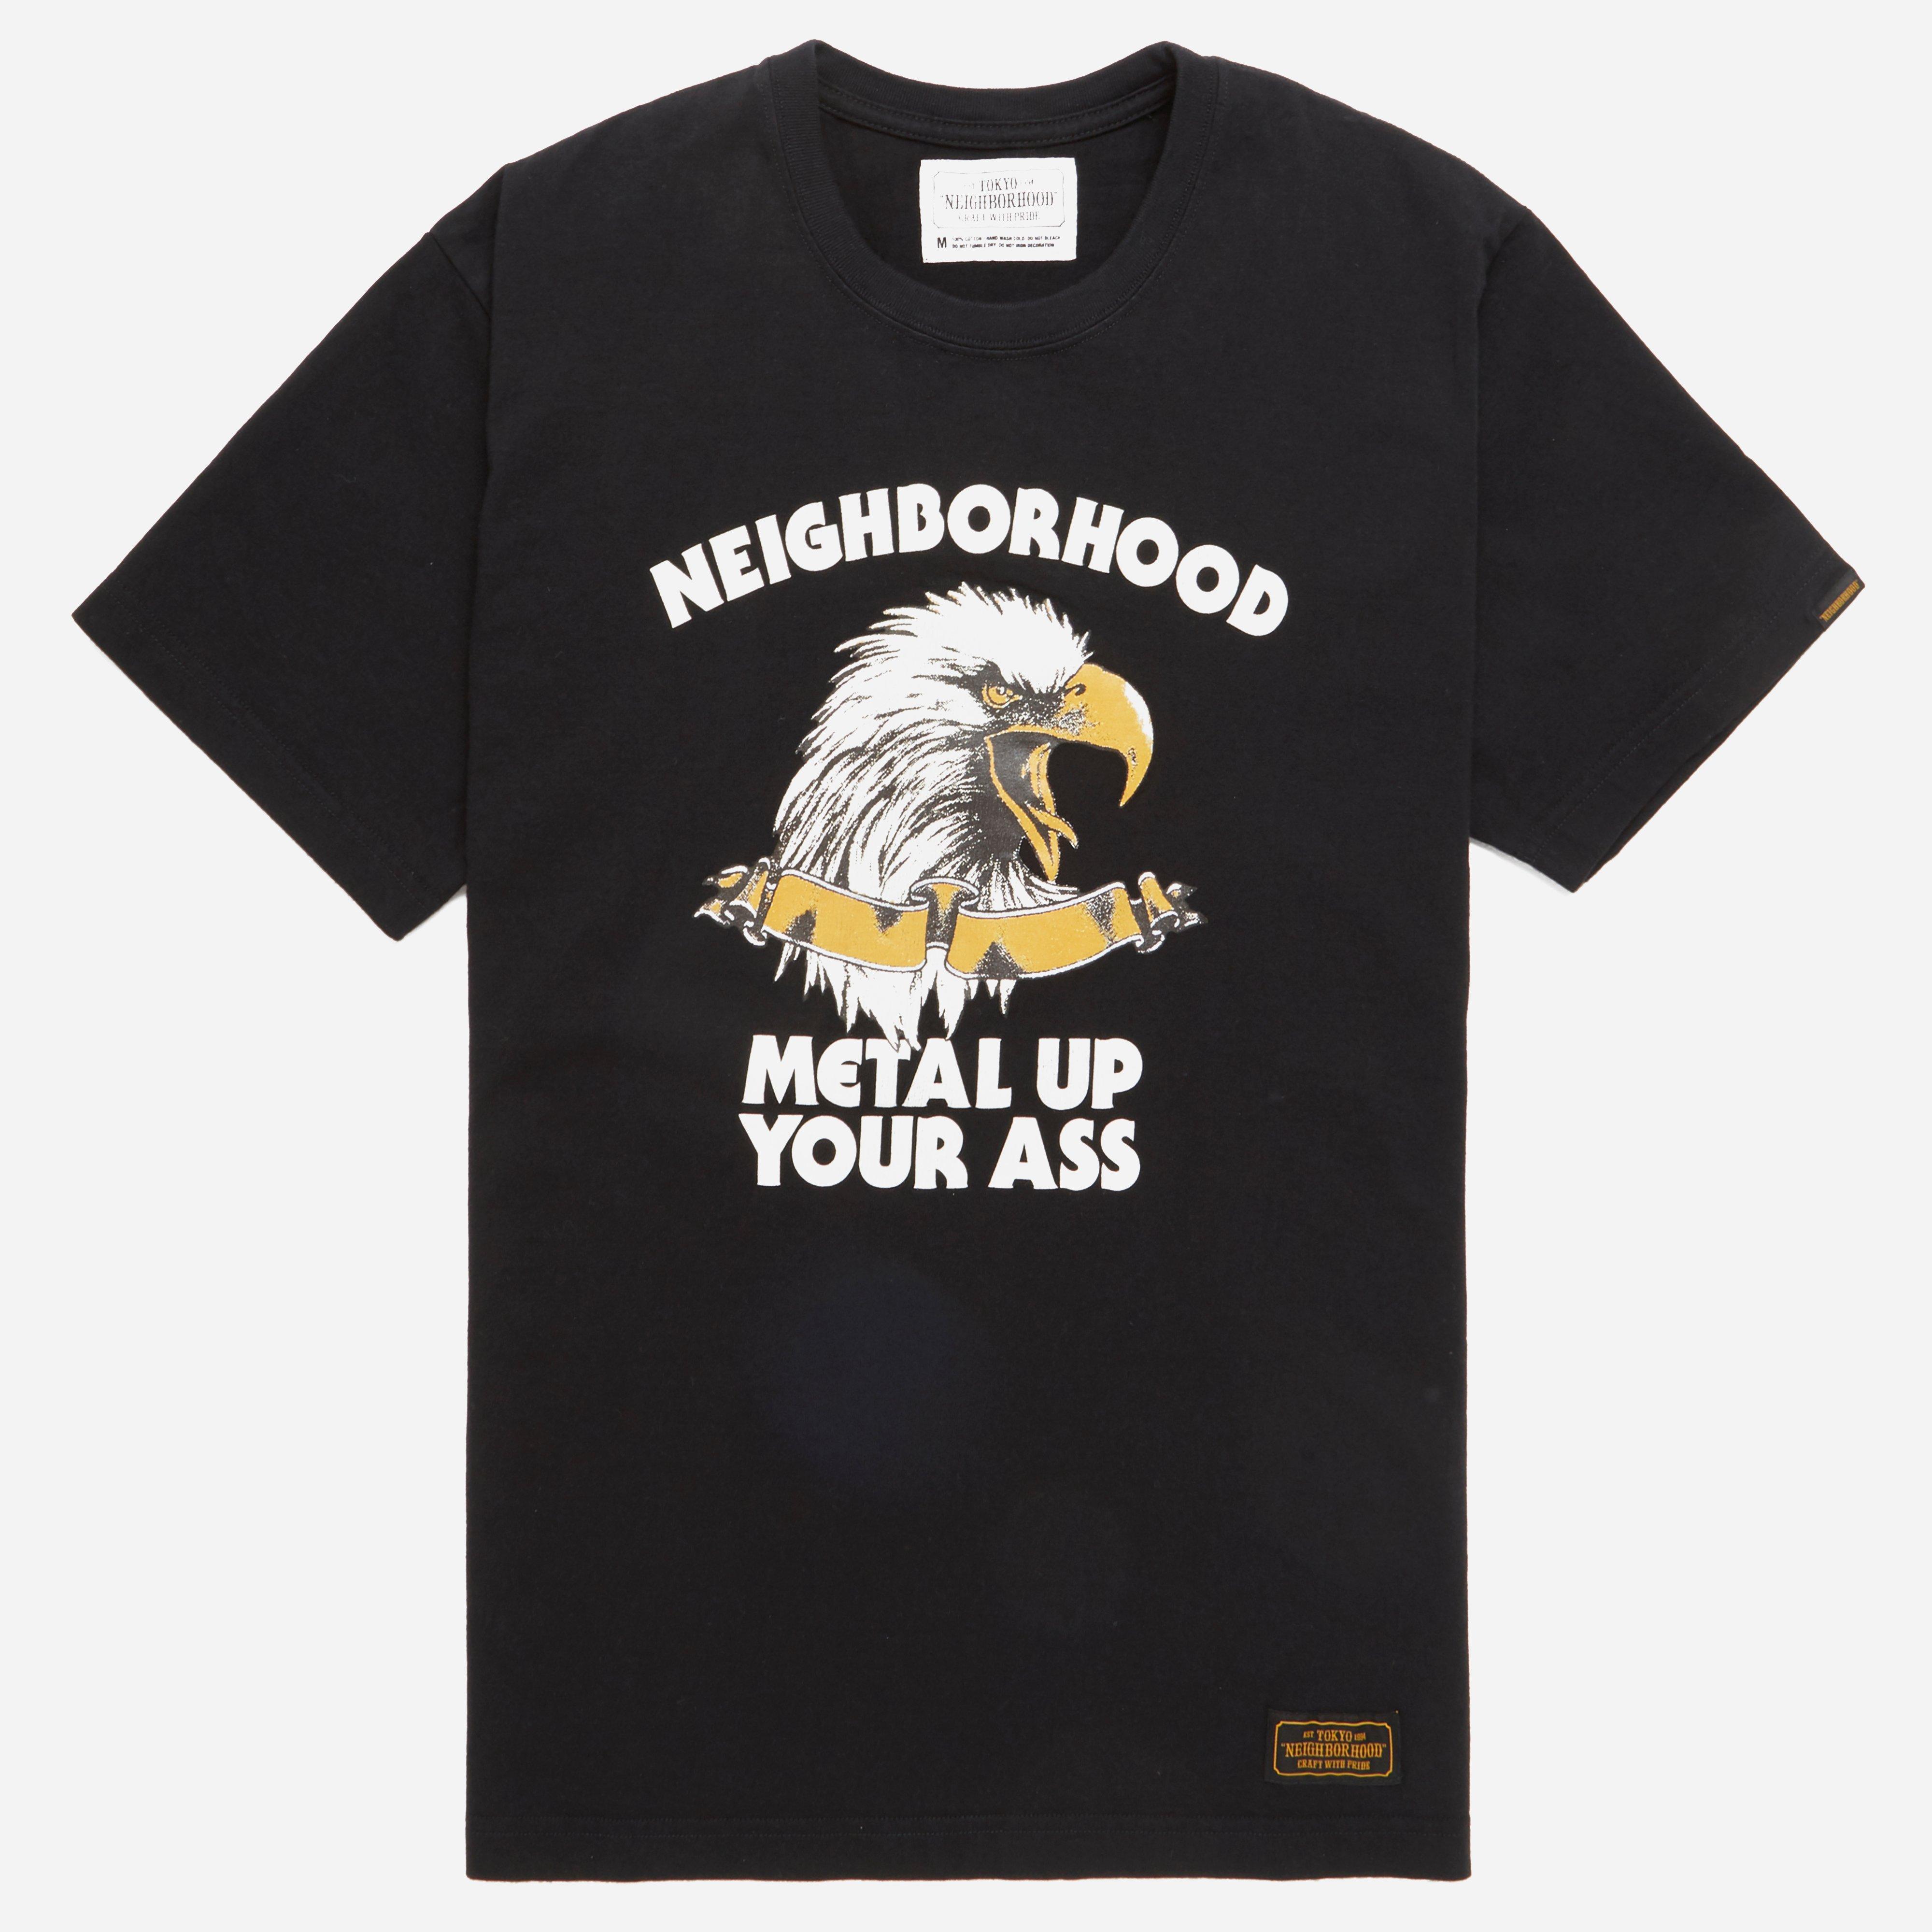 Neighborhood Metal T-shirt